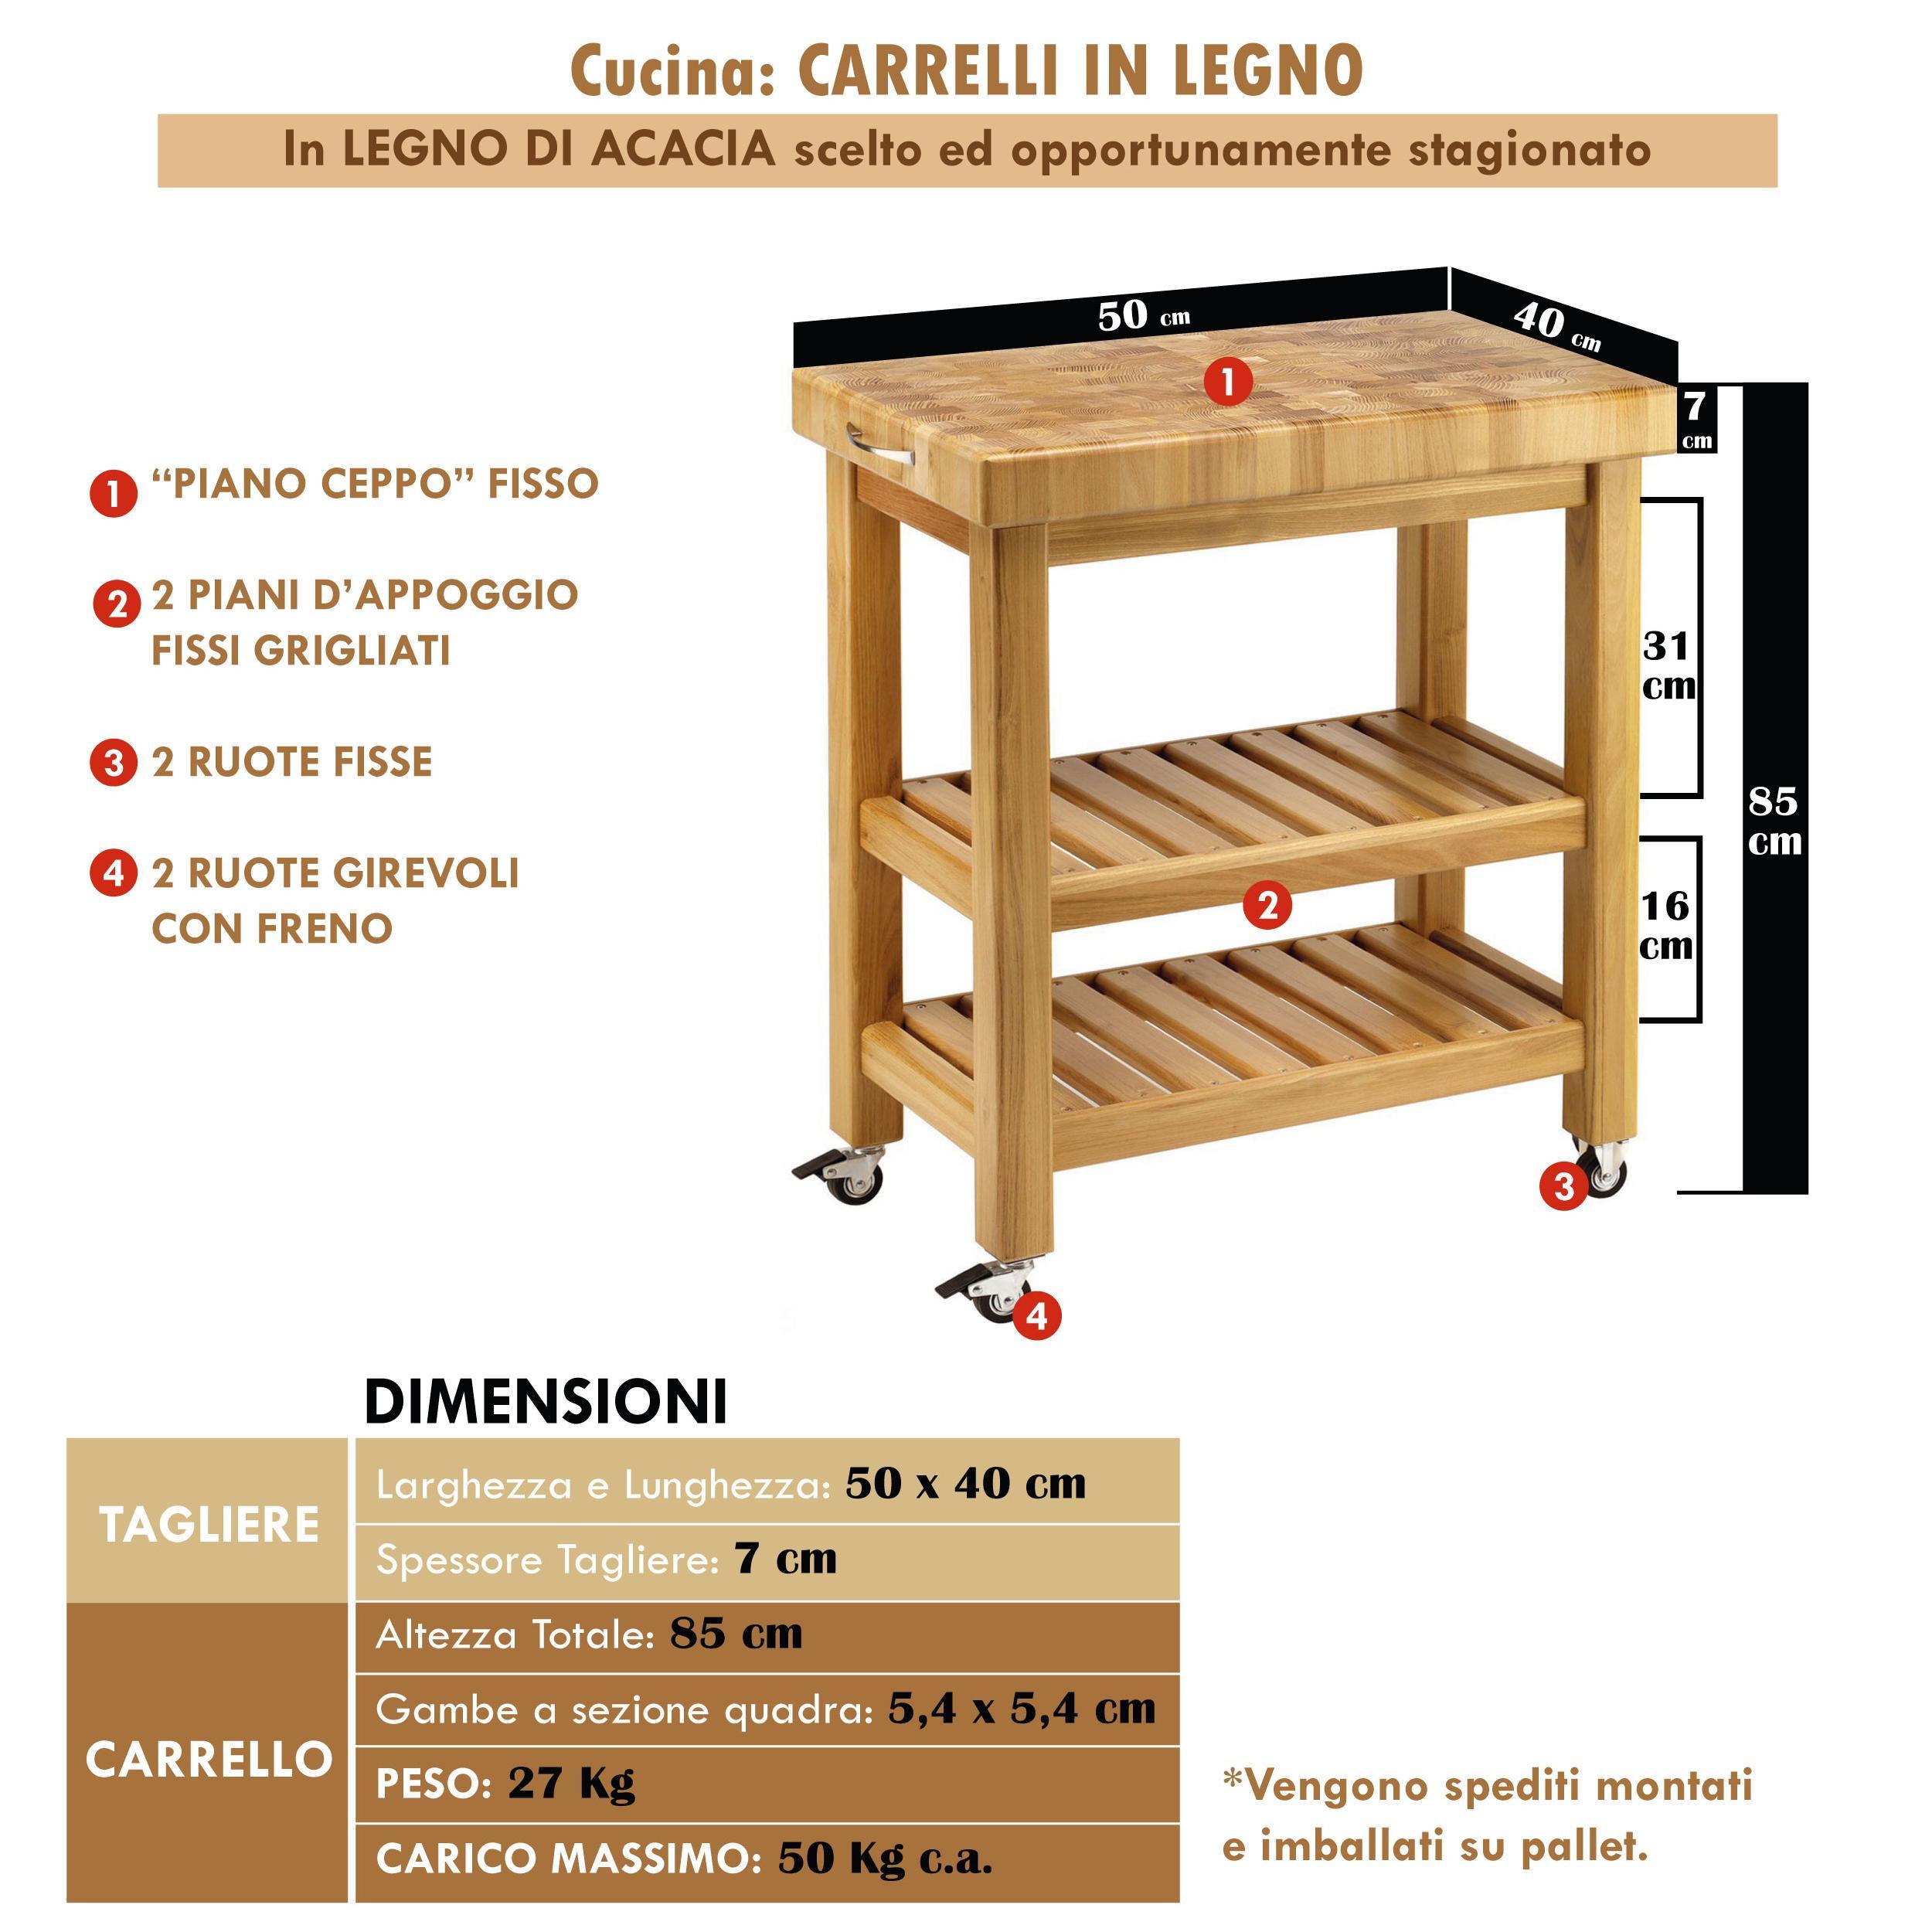 Carrello da cucina in legno massello 50x40xh85 cm con tagliere in legno spagnoli snc - Carrelli per cucina ikea ...